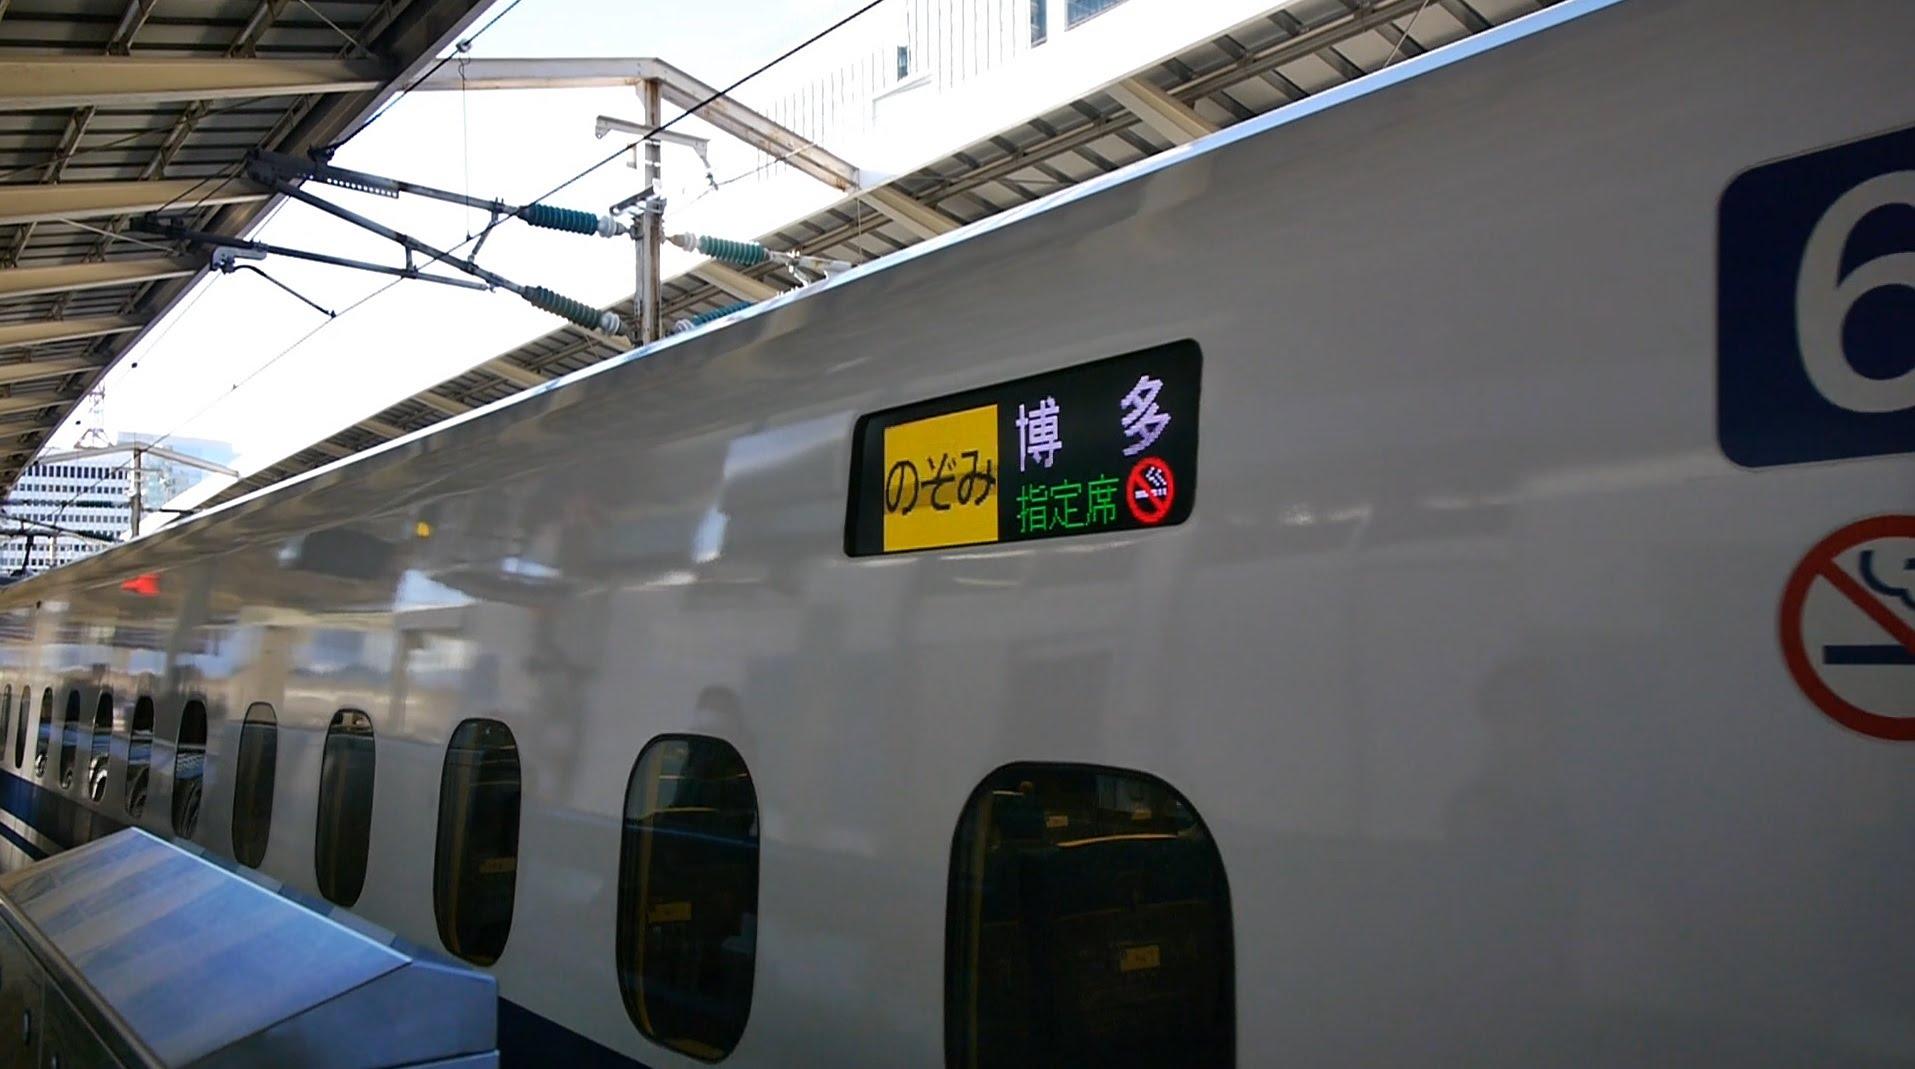 【60fps】東海道・山陽新幹線 のぞみ21号 超広角車窓 進行左側 品川~新大阪~博多